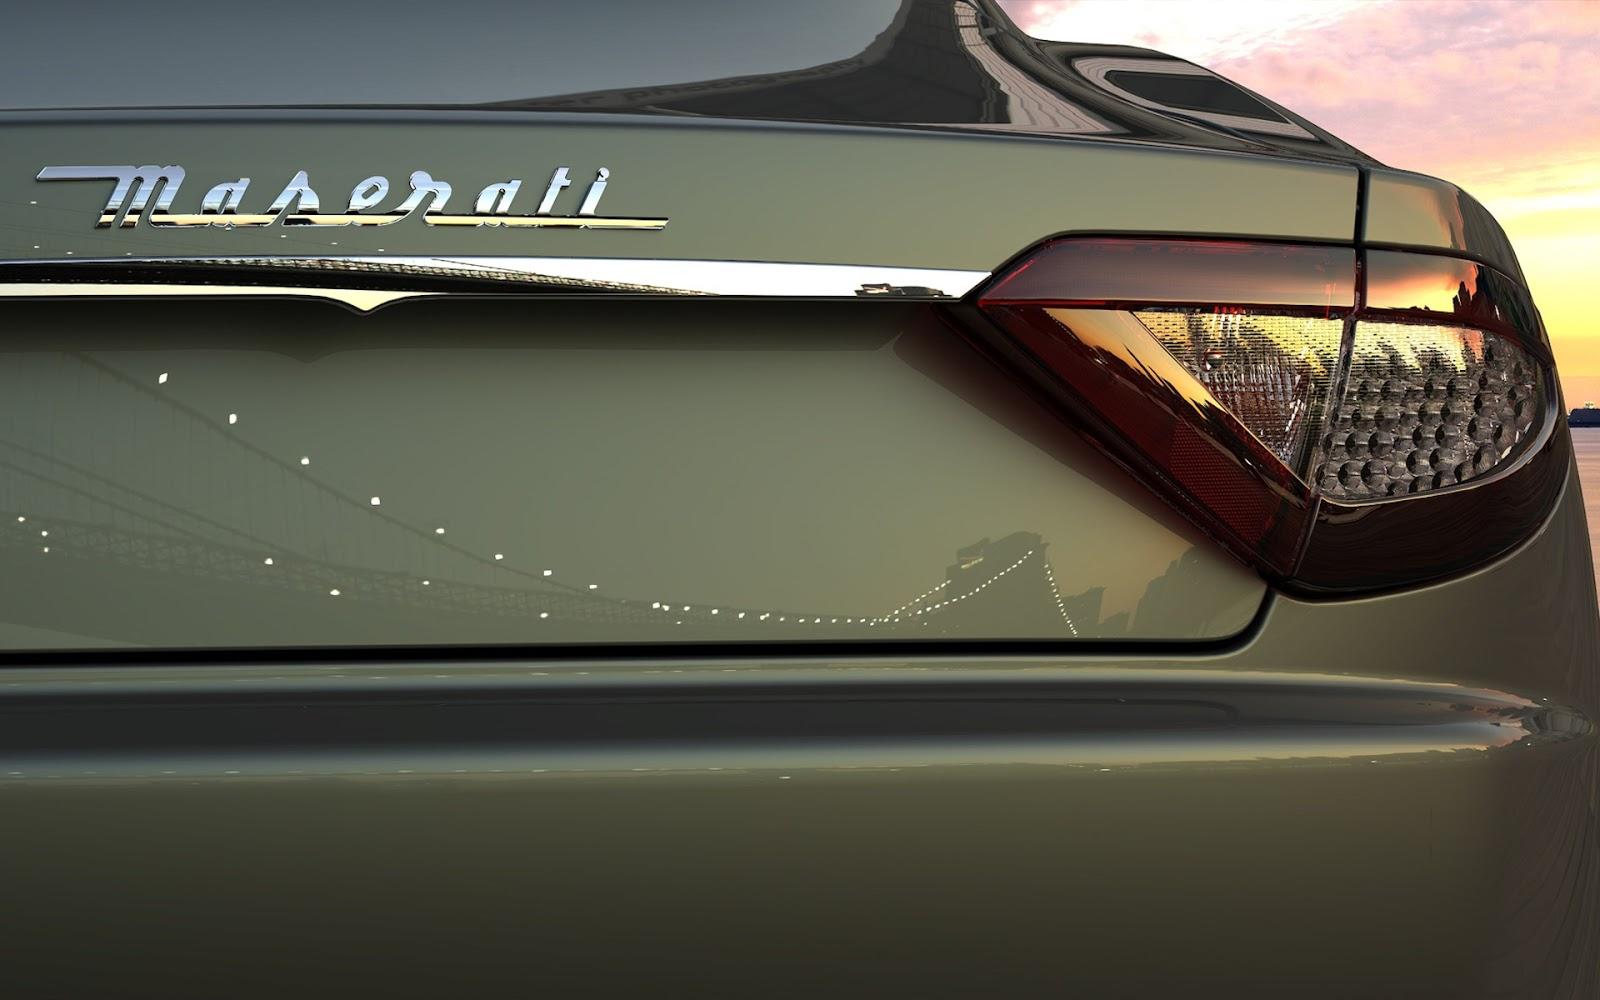 http://2.bp.blogspot.com/-WDMVS6JnO1U/UQQgS9Pa2MI/AAAAAAAAAtU/j3kIMeS7ghg/s1600/Maserati+Headlight+Wallpaper.jpg